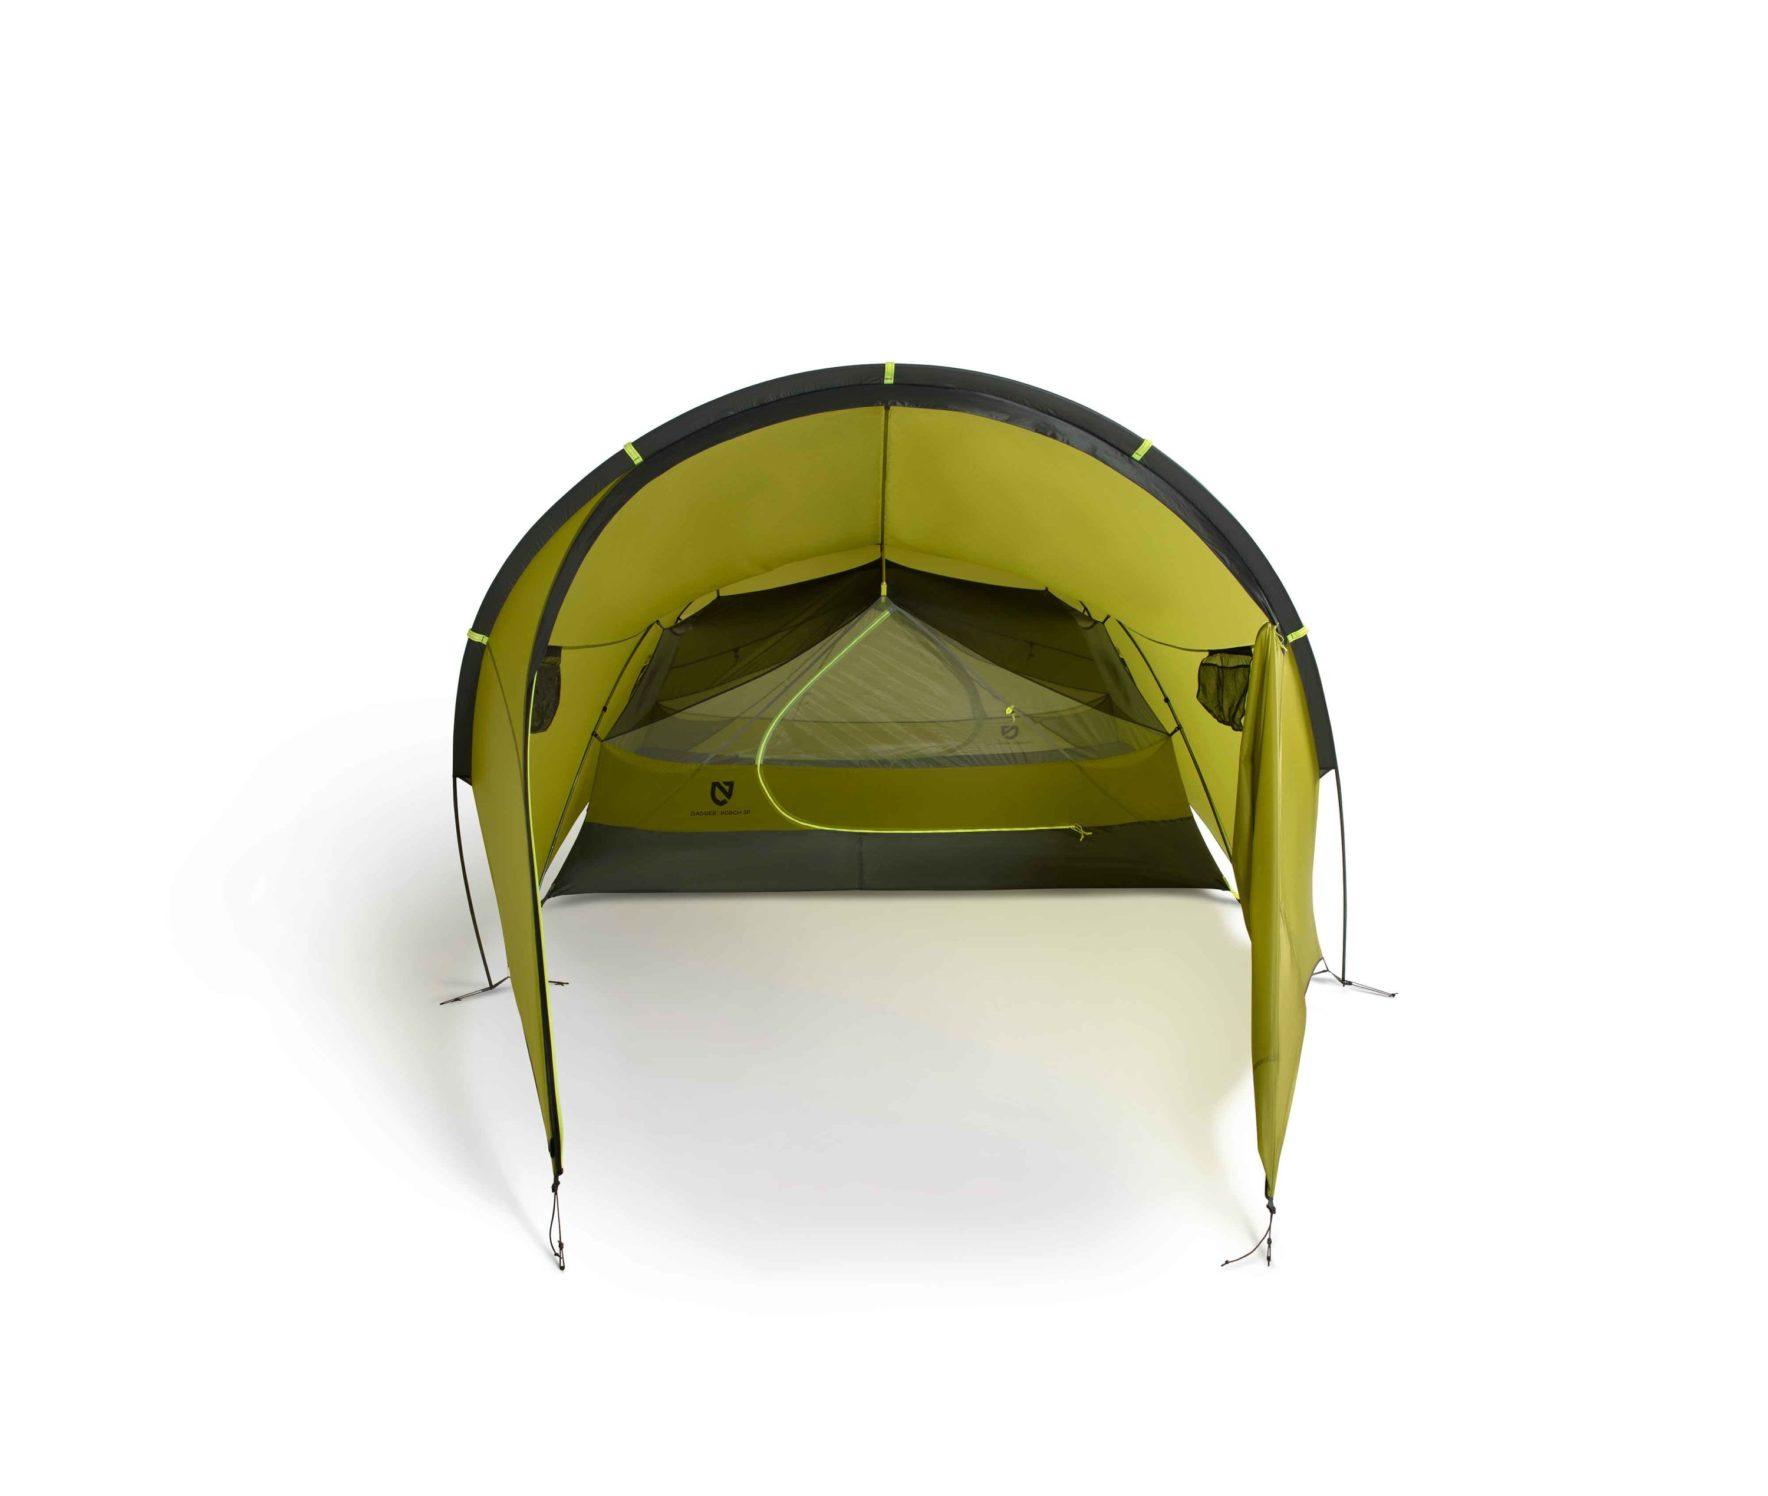 NEMO(ニーモ)から巨大な前室を持つミニマムなテントが発売されました「DAGGER PORCH TENT」5